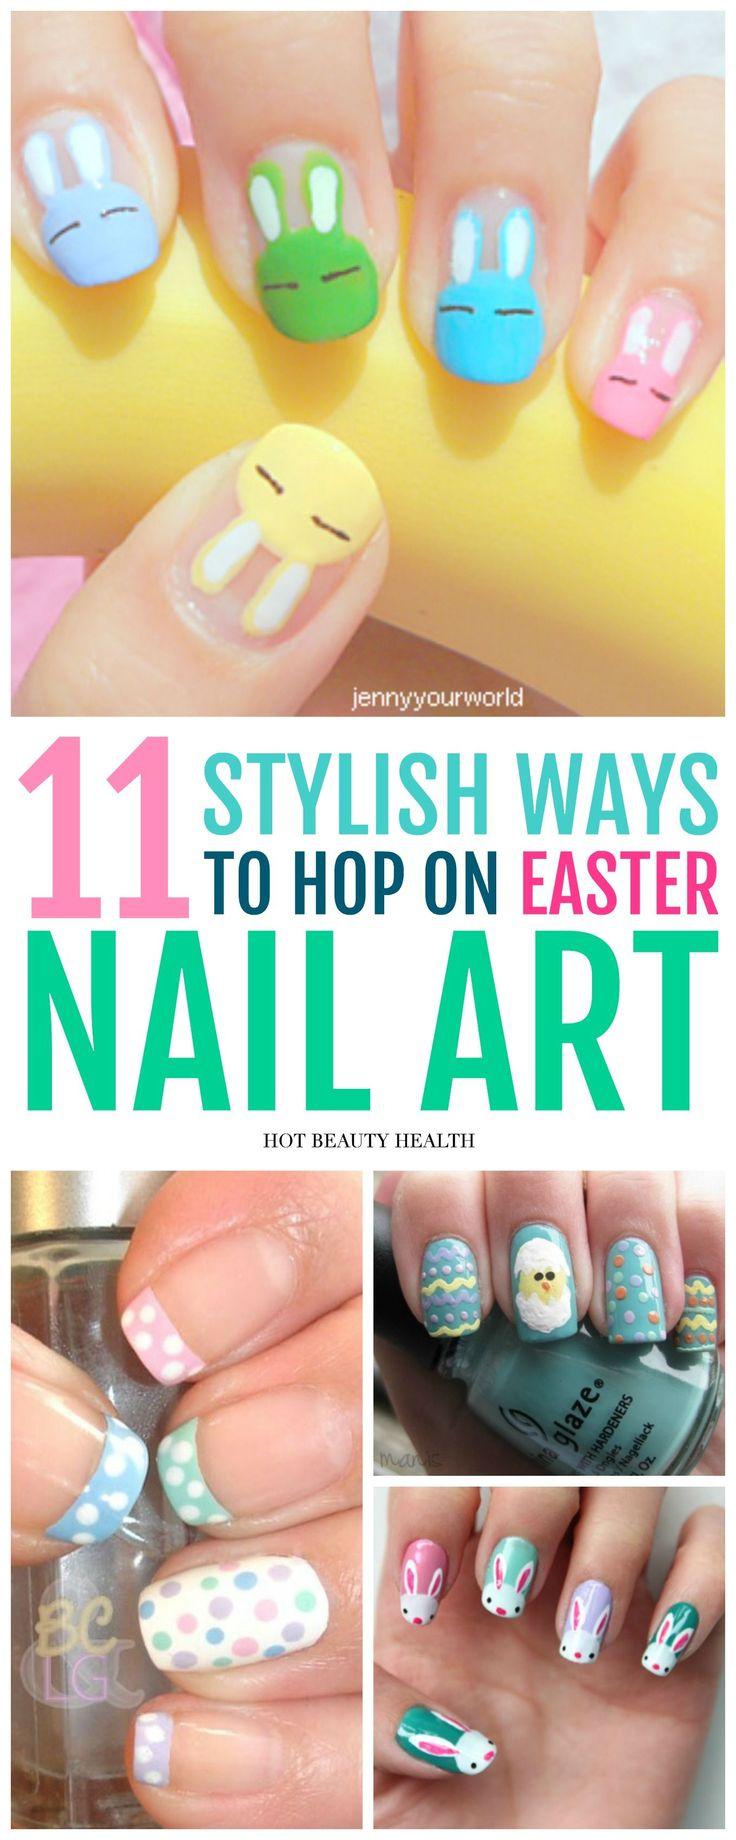 Best 25+ Fingernail designs ideas on Pinterest | Finger ...